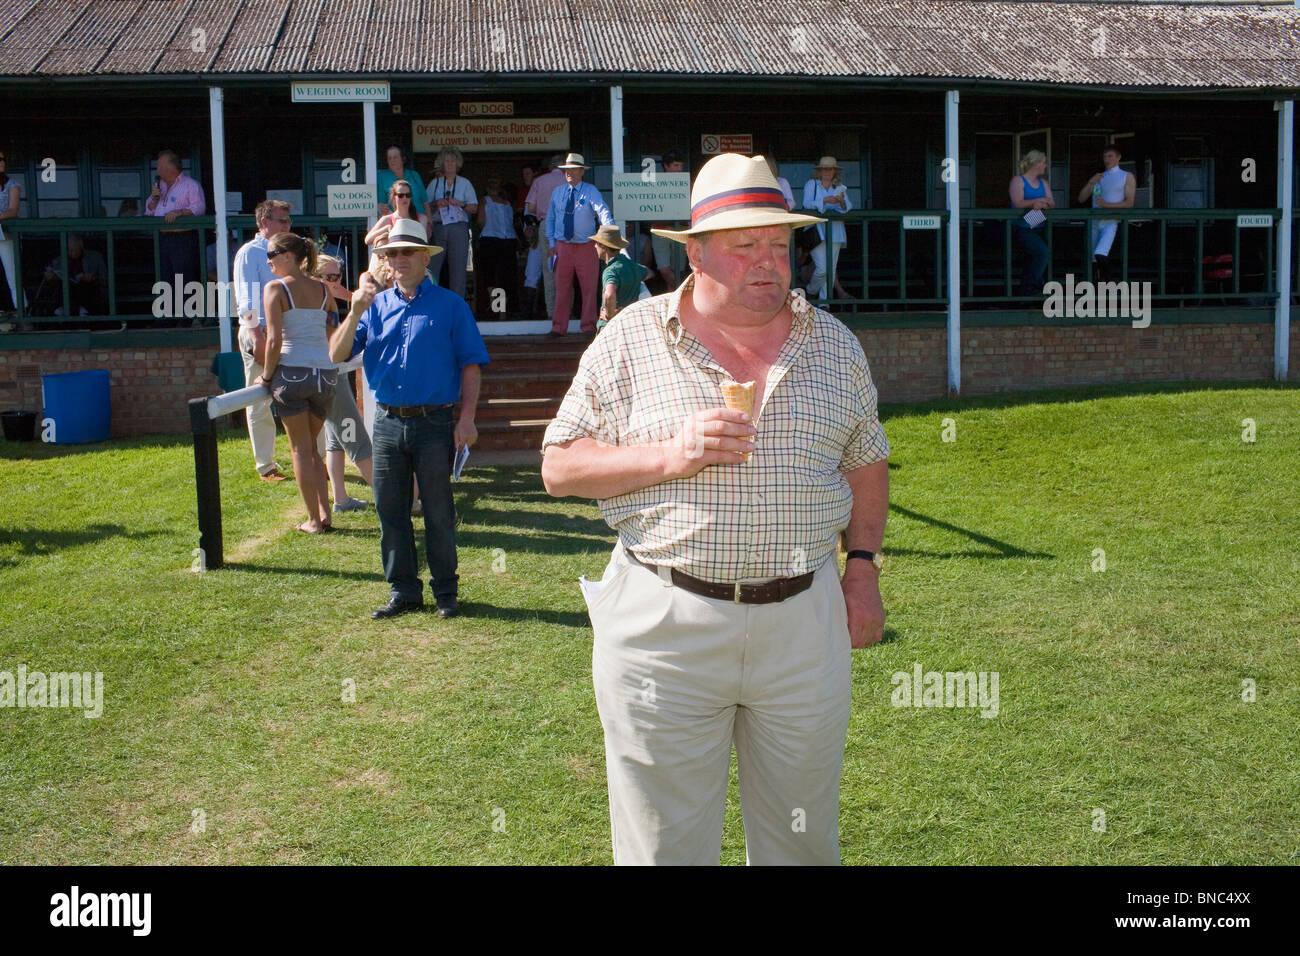 Un hombre gordo en camisa de manga corta y sombrero de paja se come un helado en un evento en un caluroso día Imagen De Stock